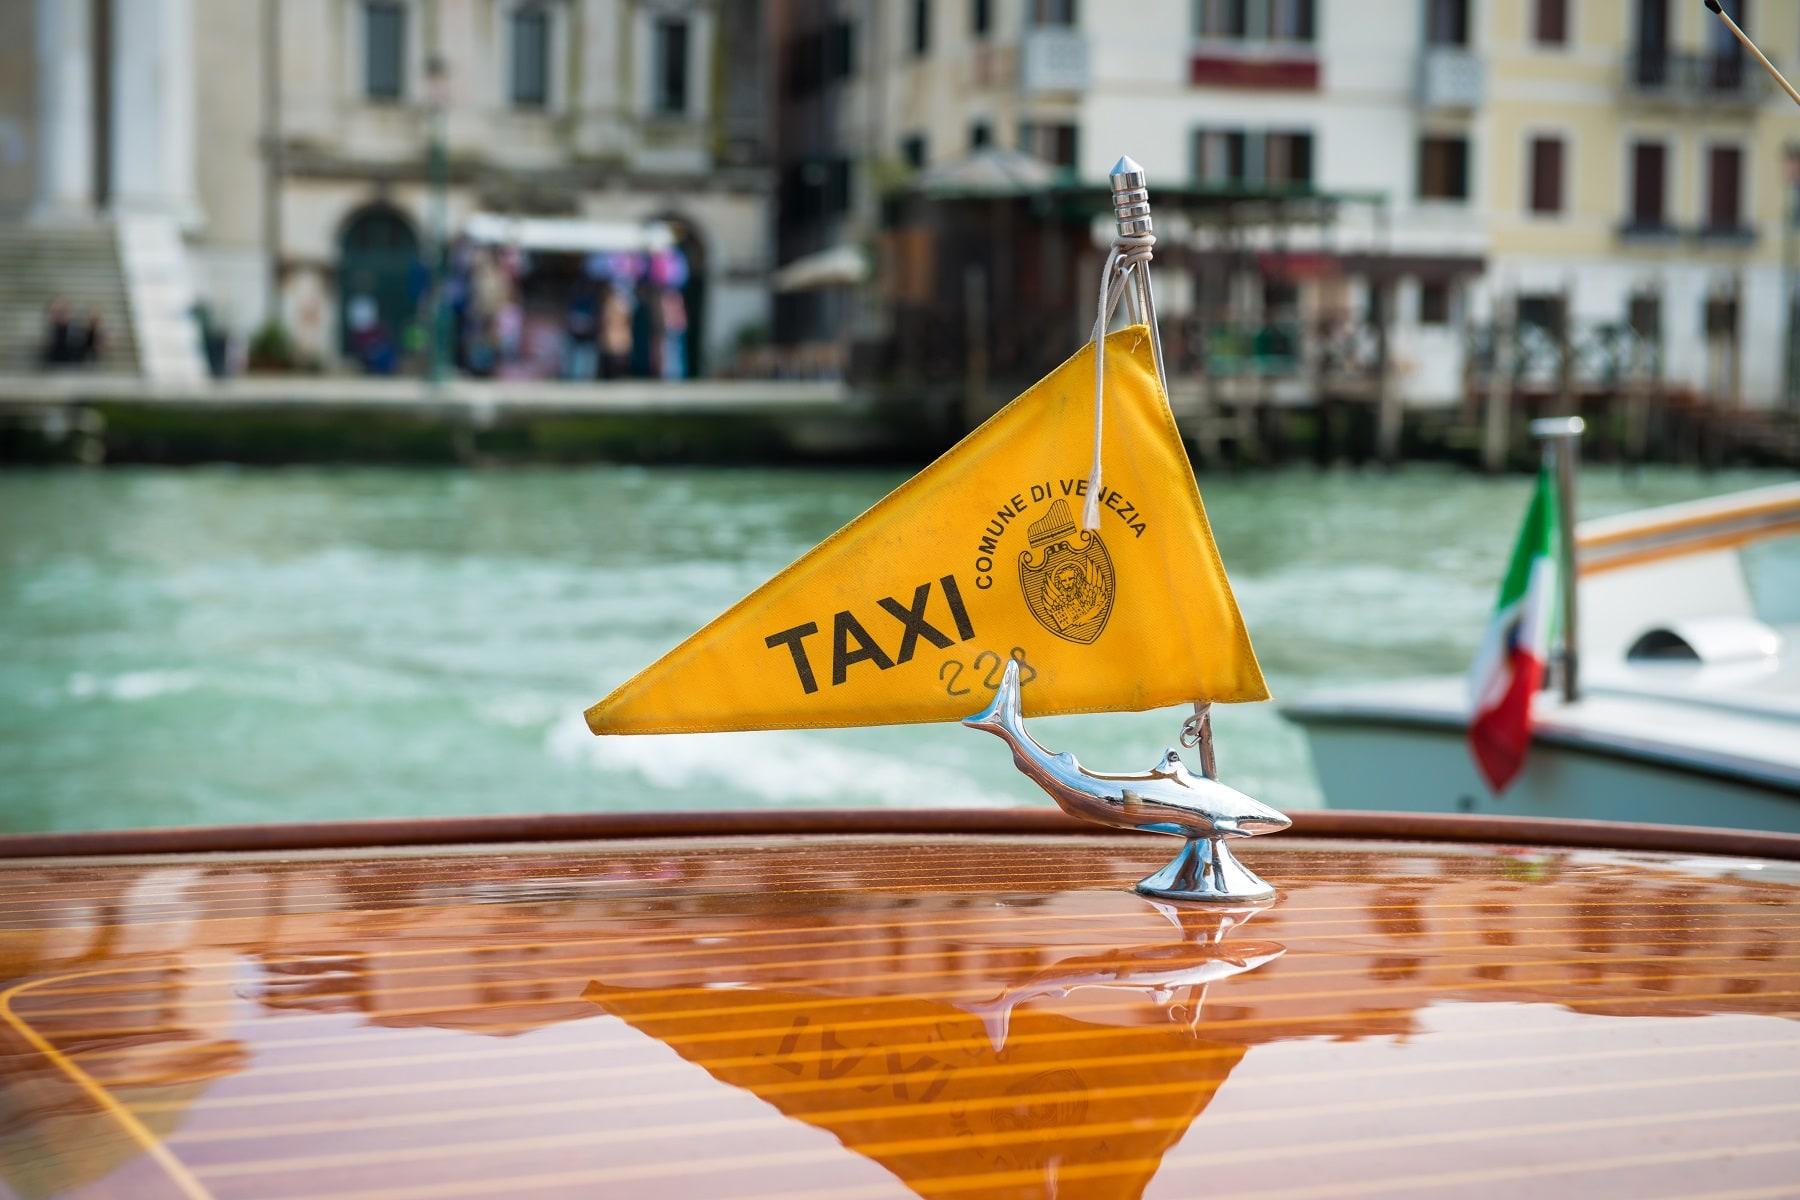 Bateau-taxi, Venise en 3 jours Italie